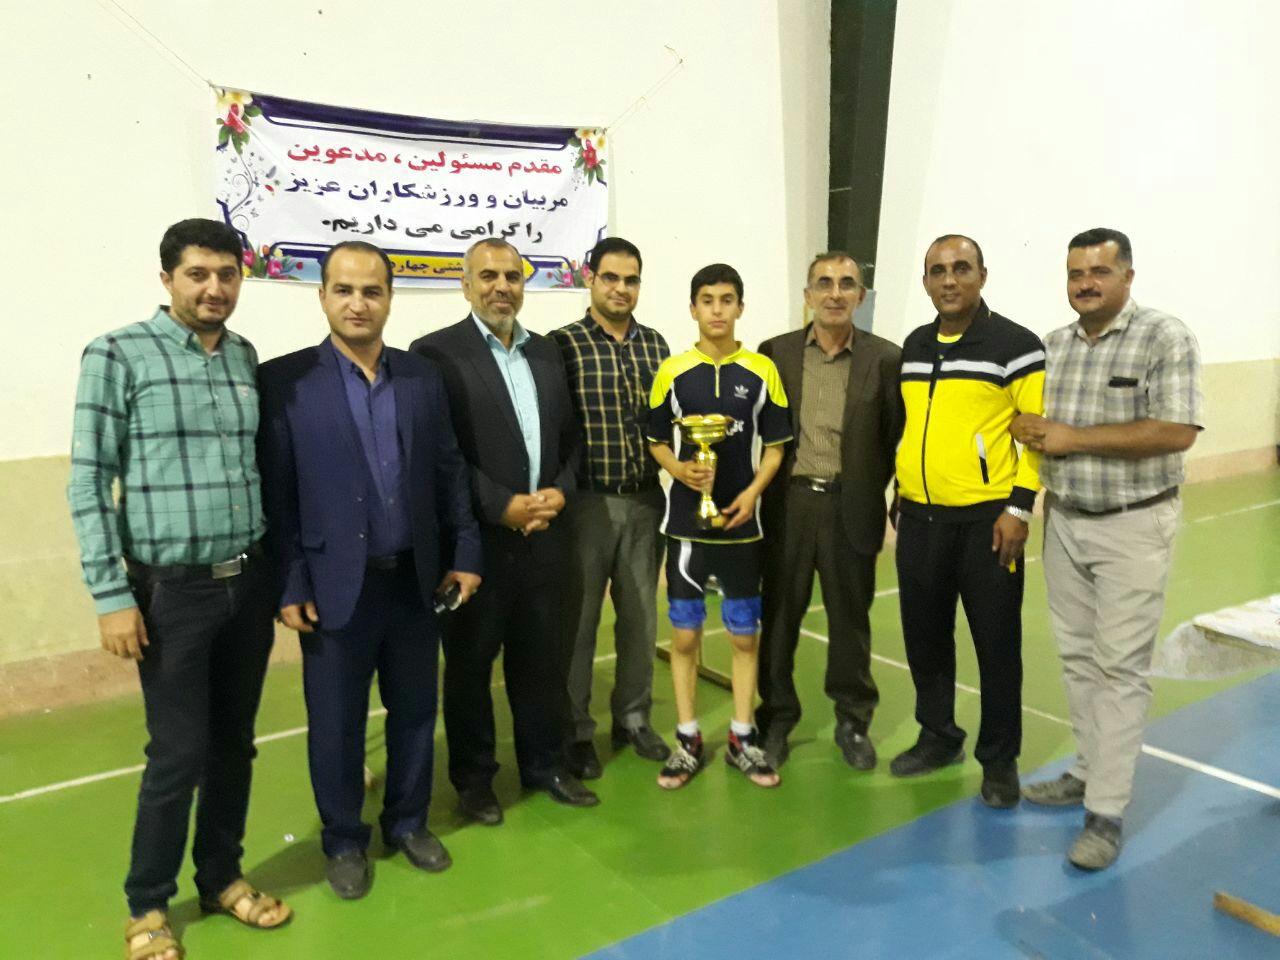 کیاسر قهرمان سومین دوره مسابقات کشتی جام رمضان شد